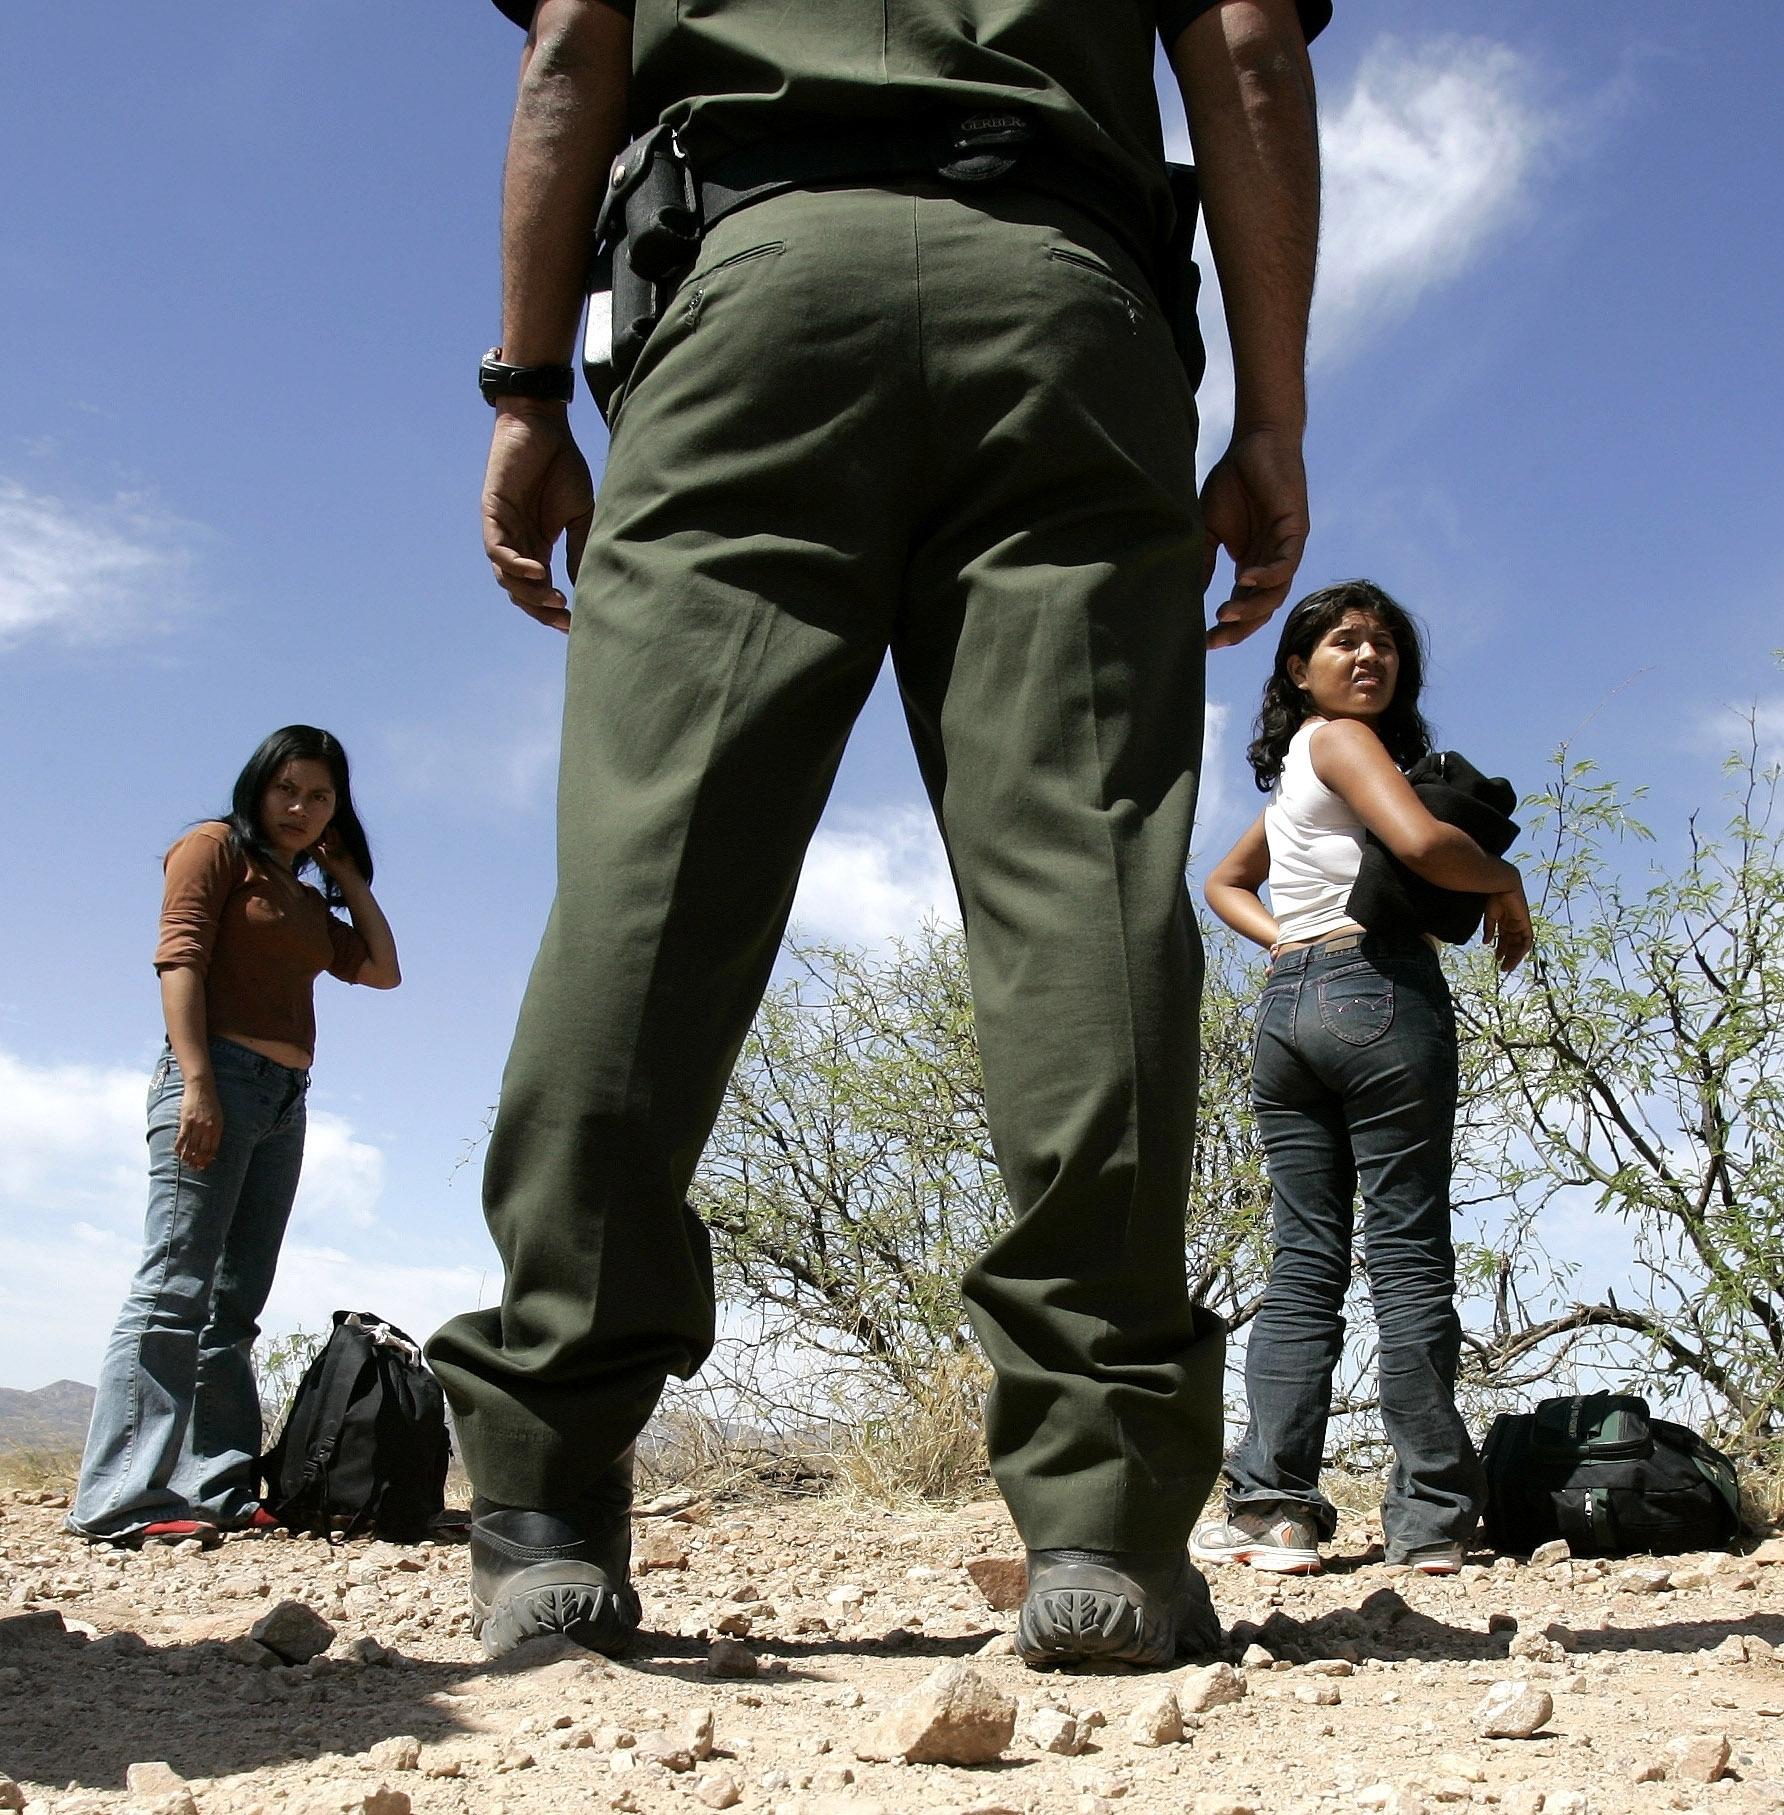 Las leyes migratorias de los EEUU provocan graves abusos contra los derechos humanos.